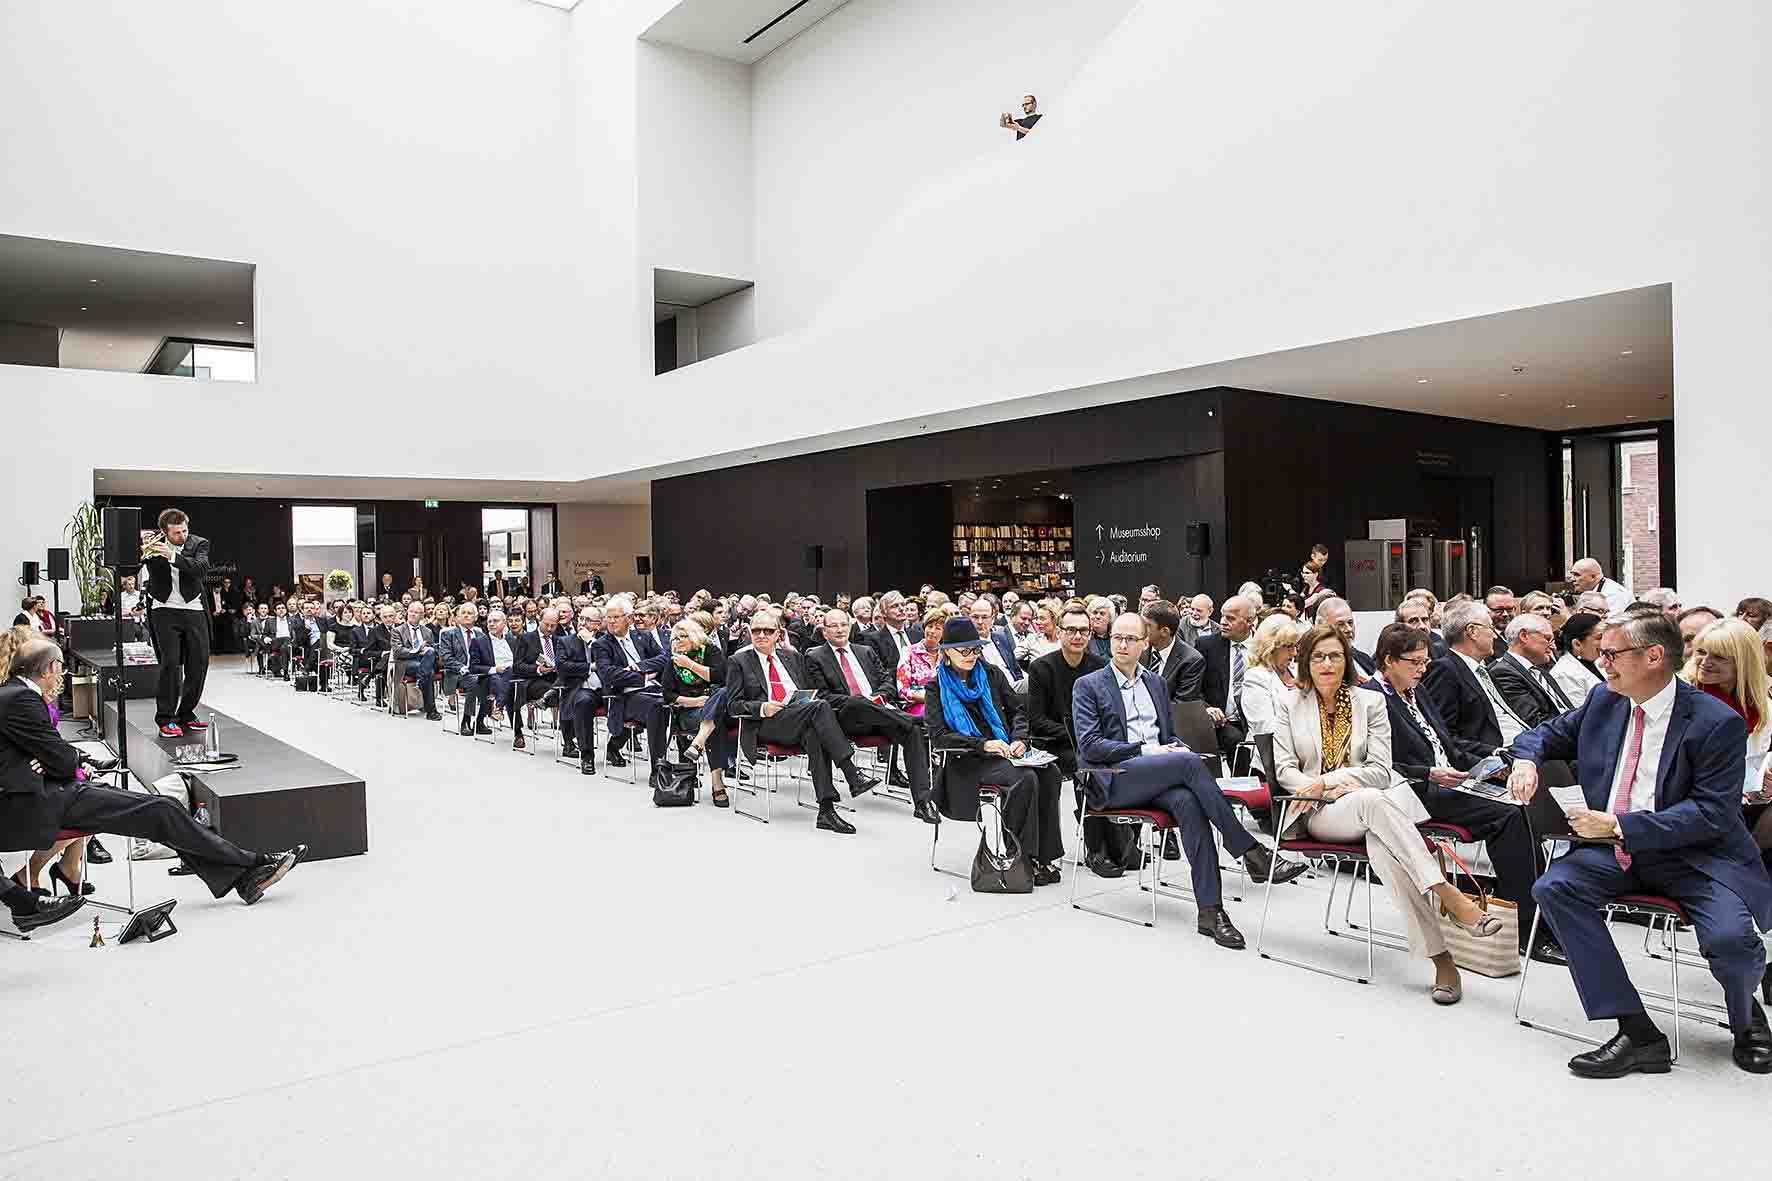 Der Festakt im Foyer des neuen Museums. Foto: LWL